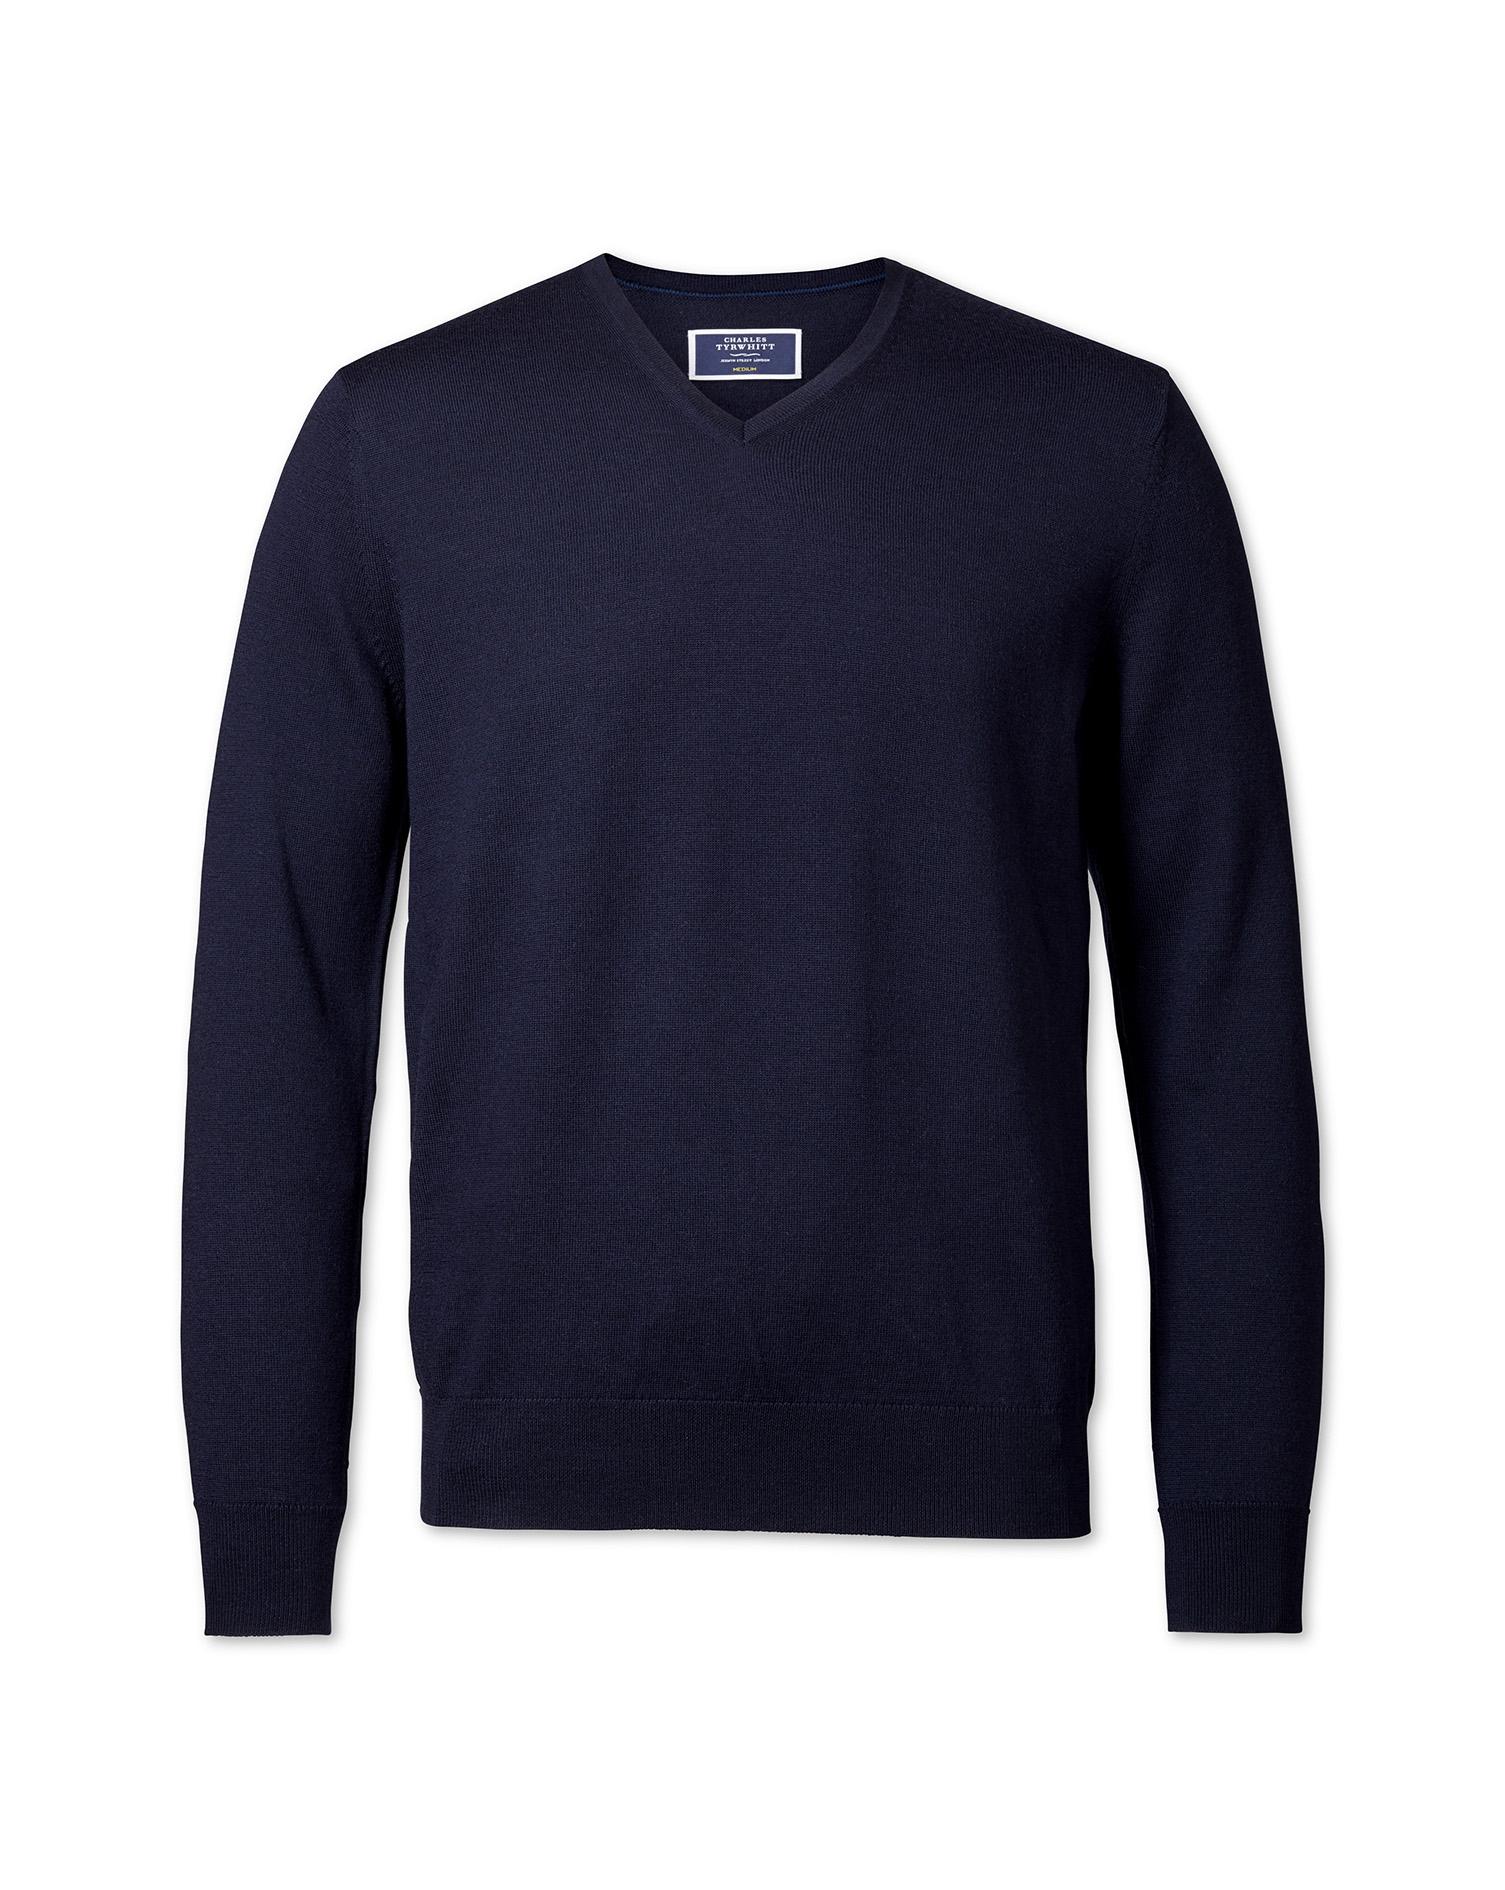 Navy Merino Wool V-Neck Jumper Size XL by Charles Tyrwhitt